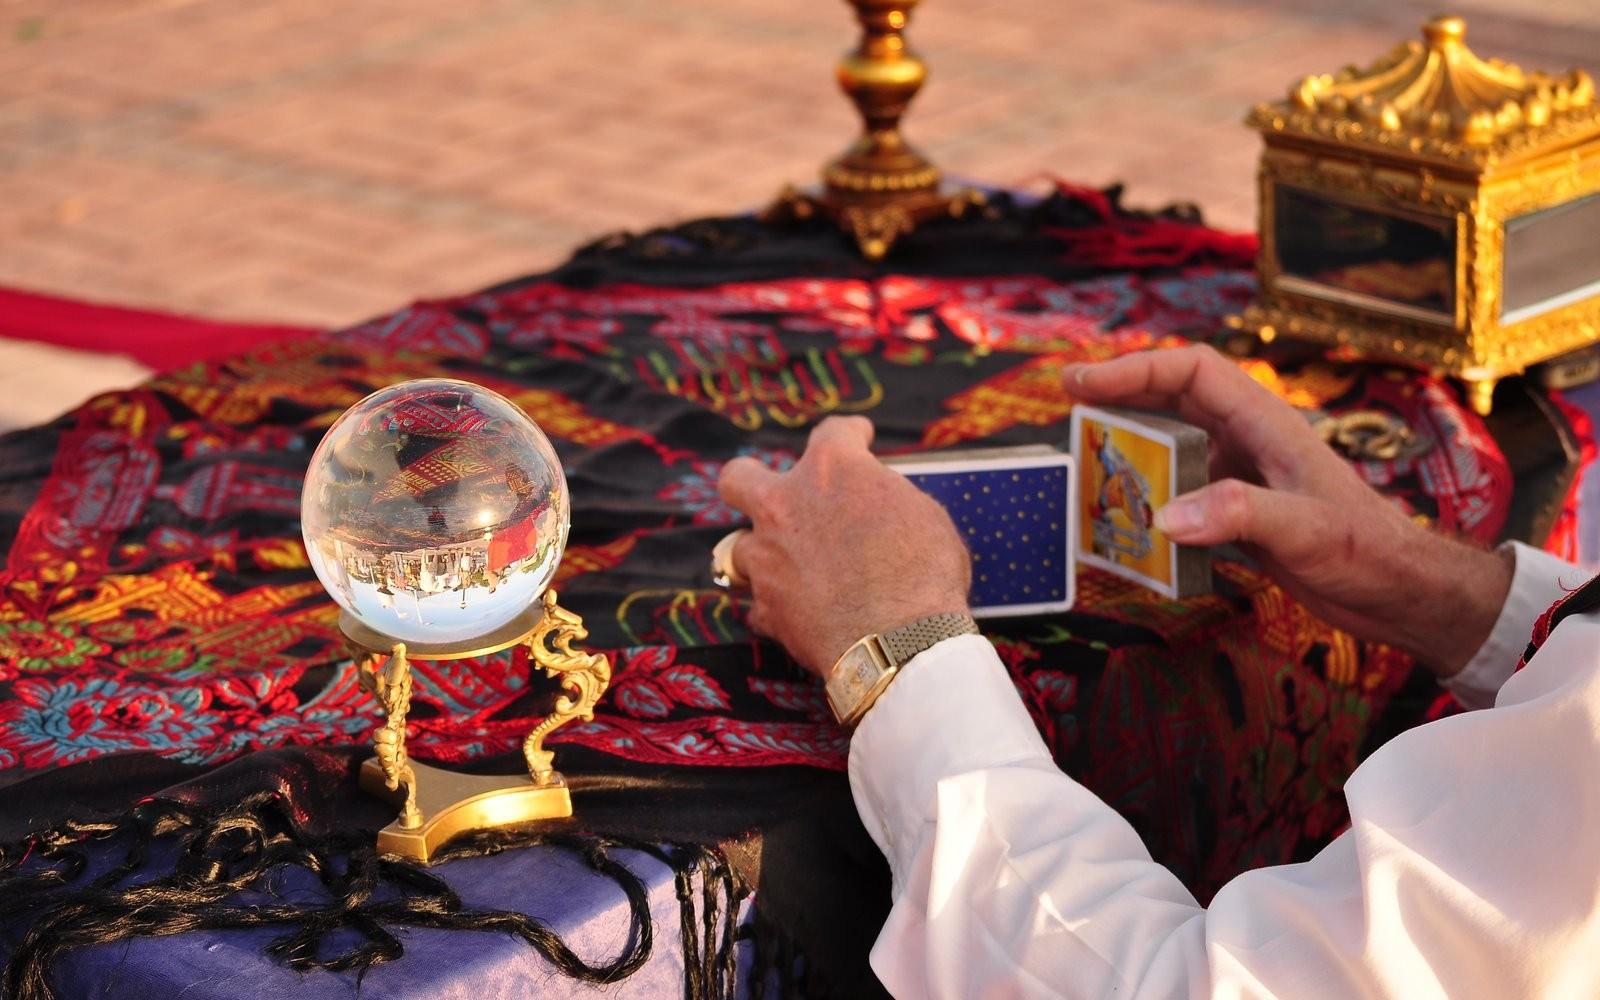 """Tử vi hôm nay (17/4) qua lá bài Tarot: Cẩn thận với thông tin """"ảo"""""""